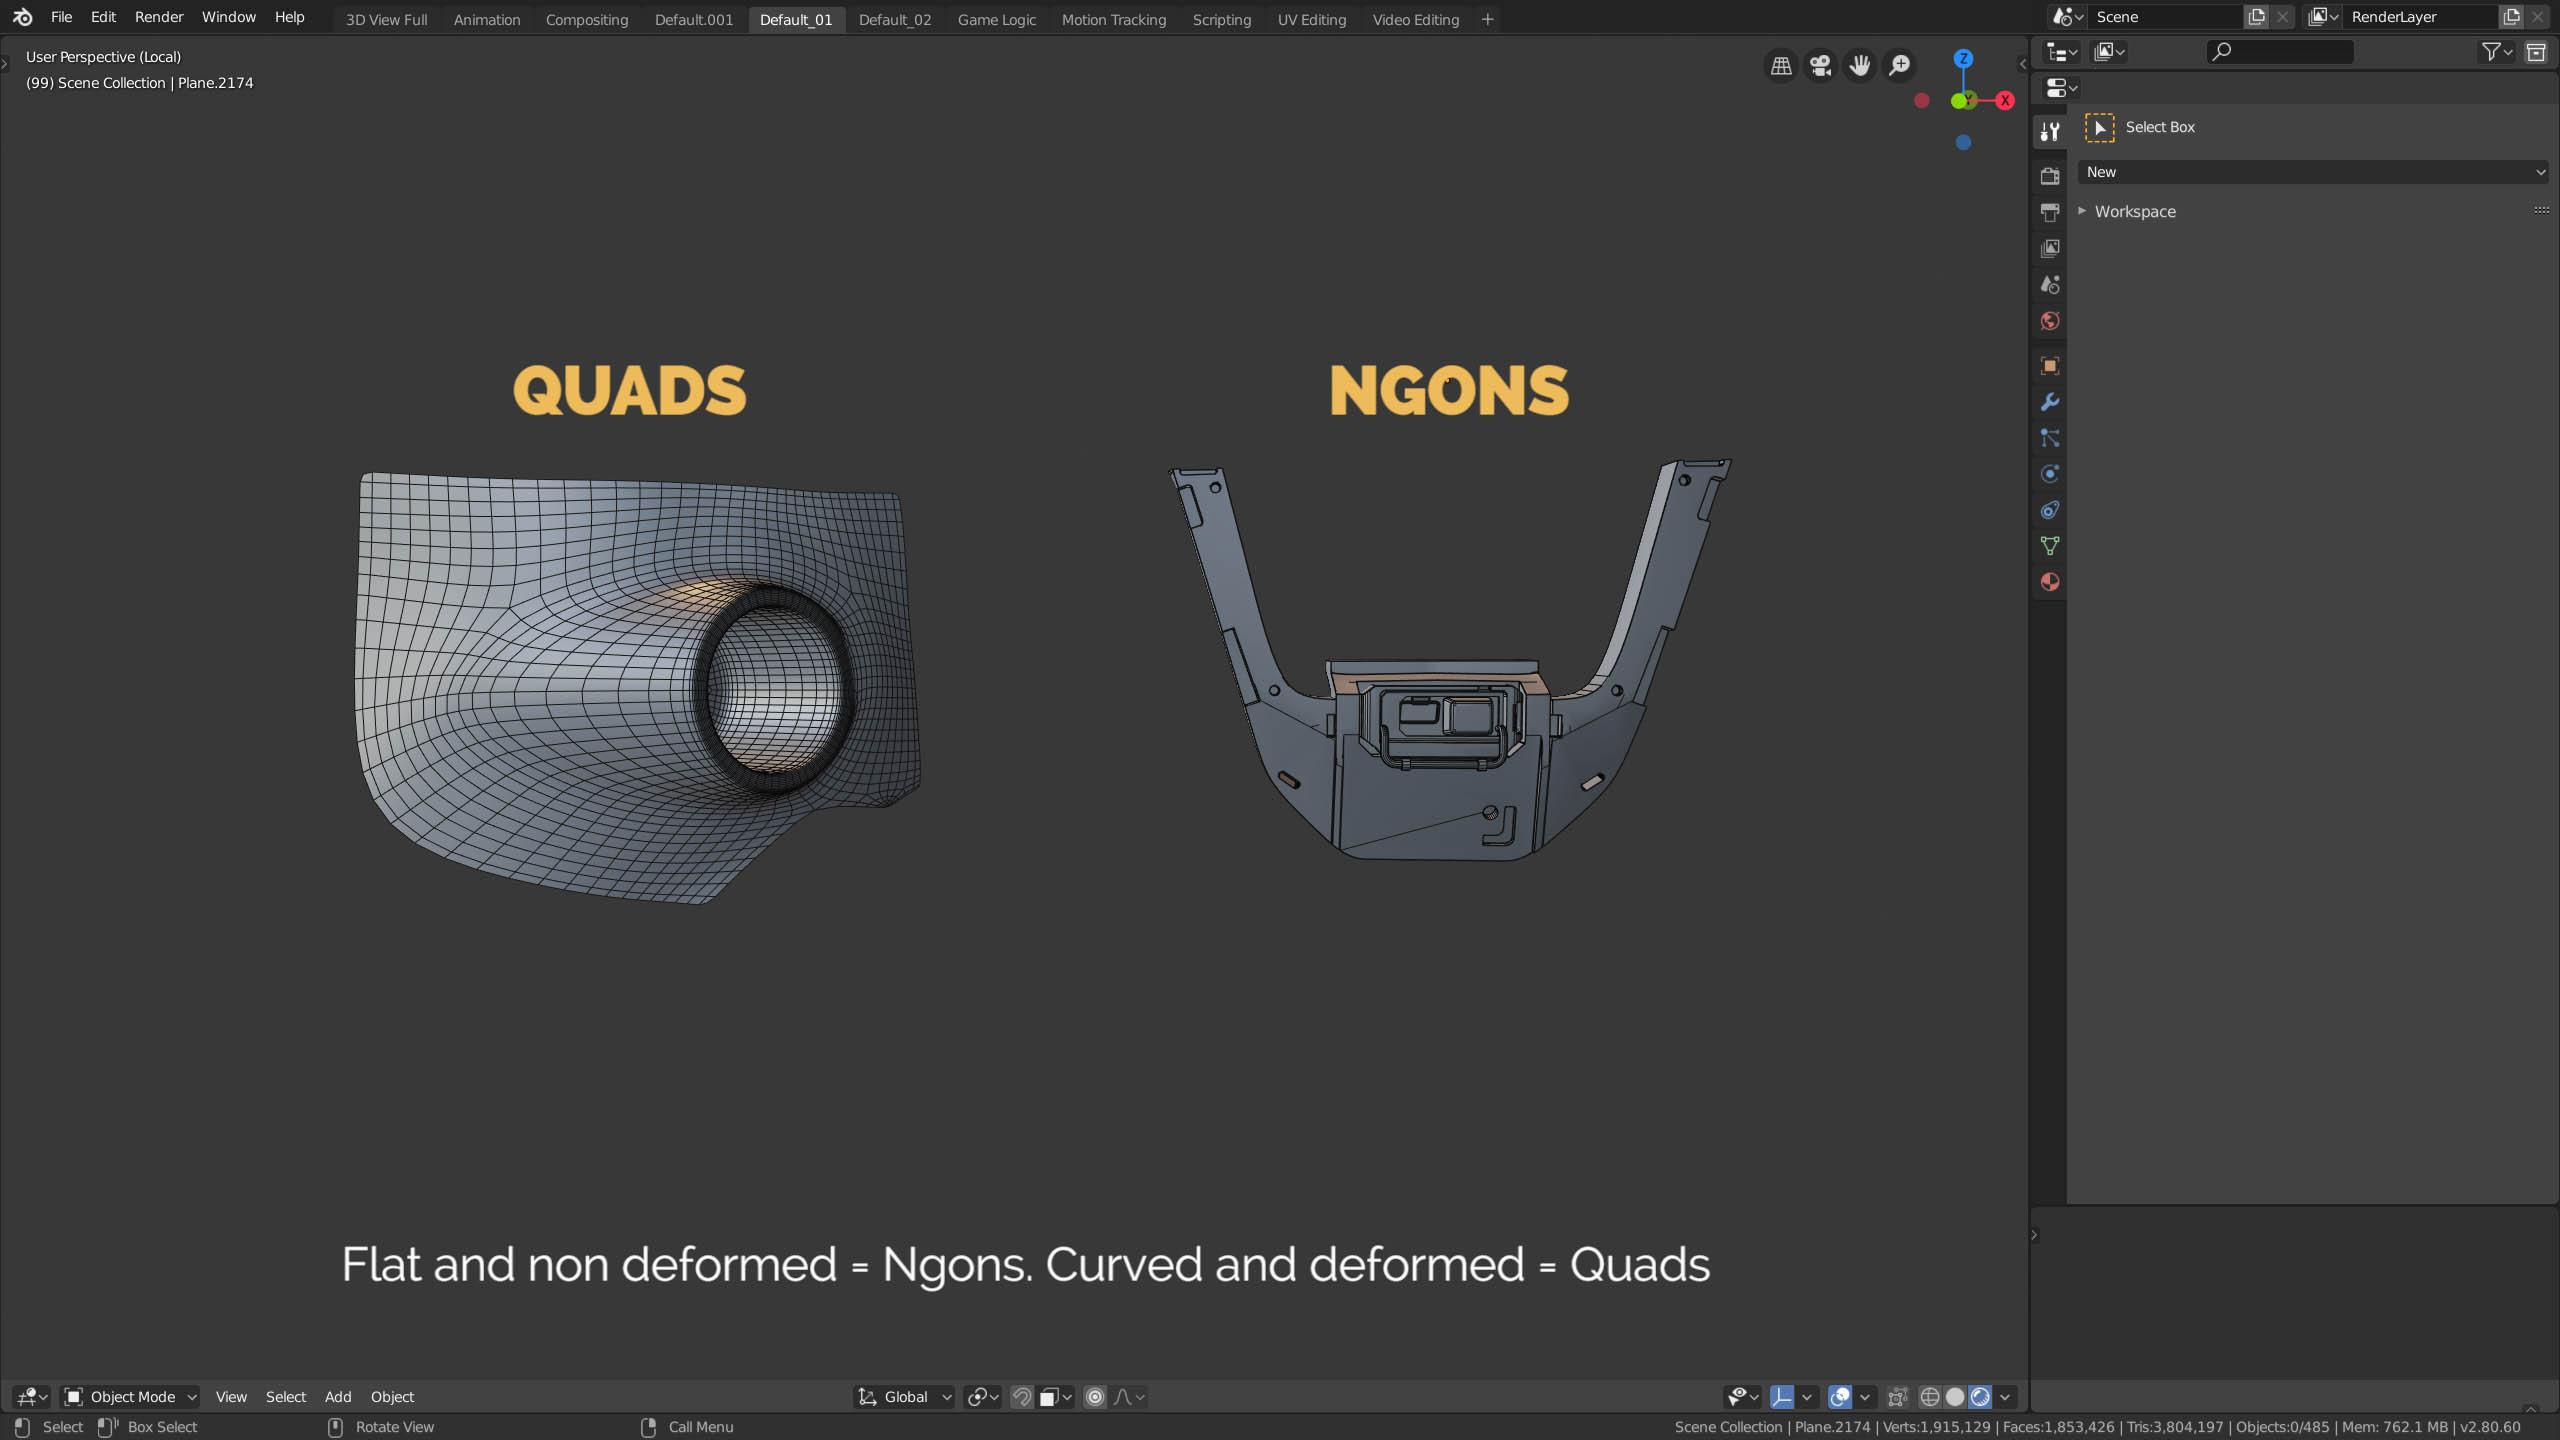 quads vs ngons